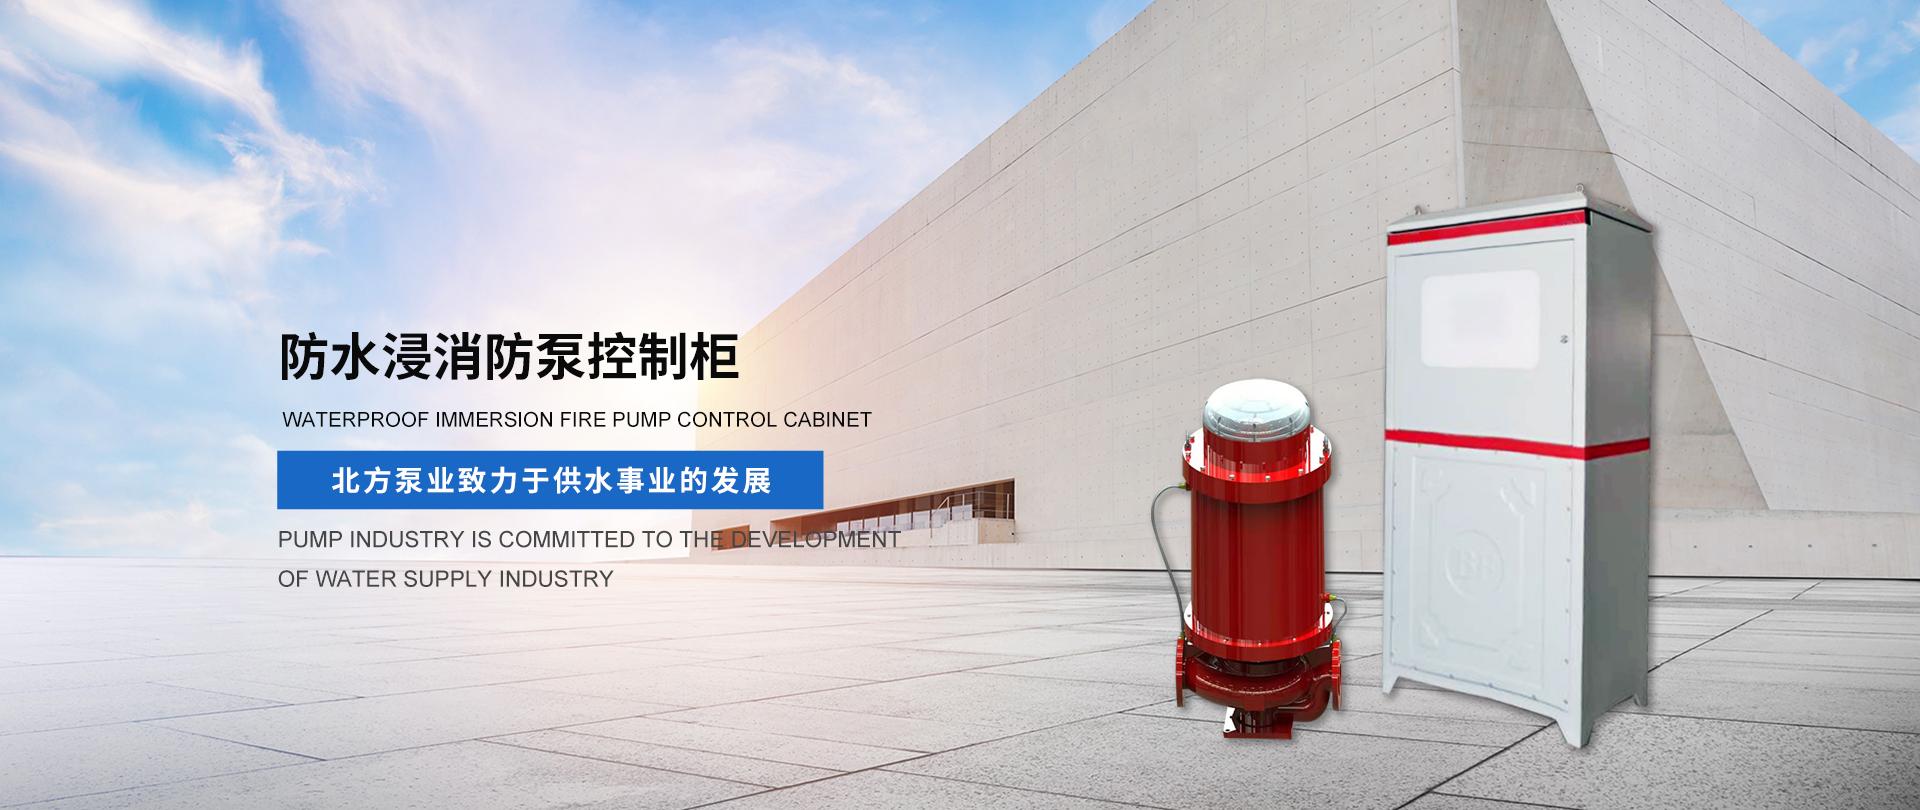 防水浸消防泵